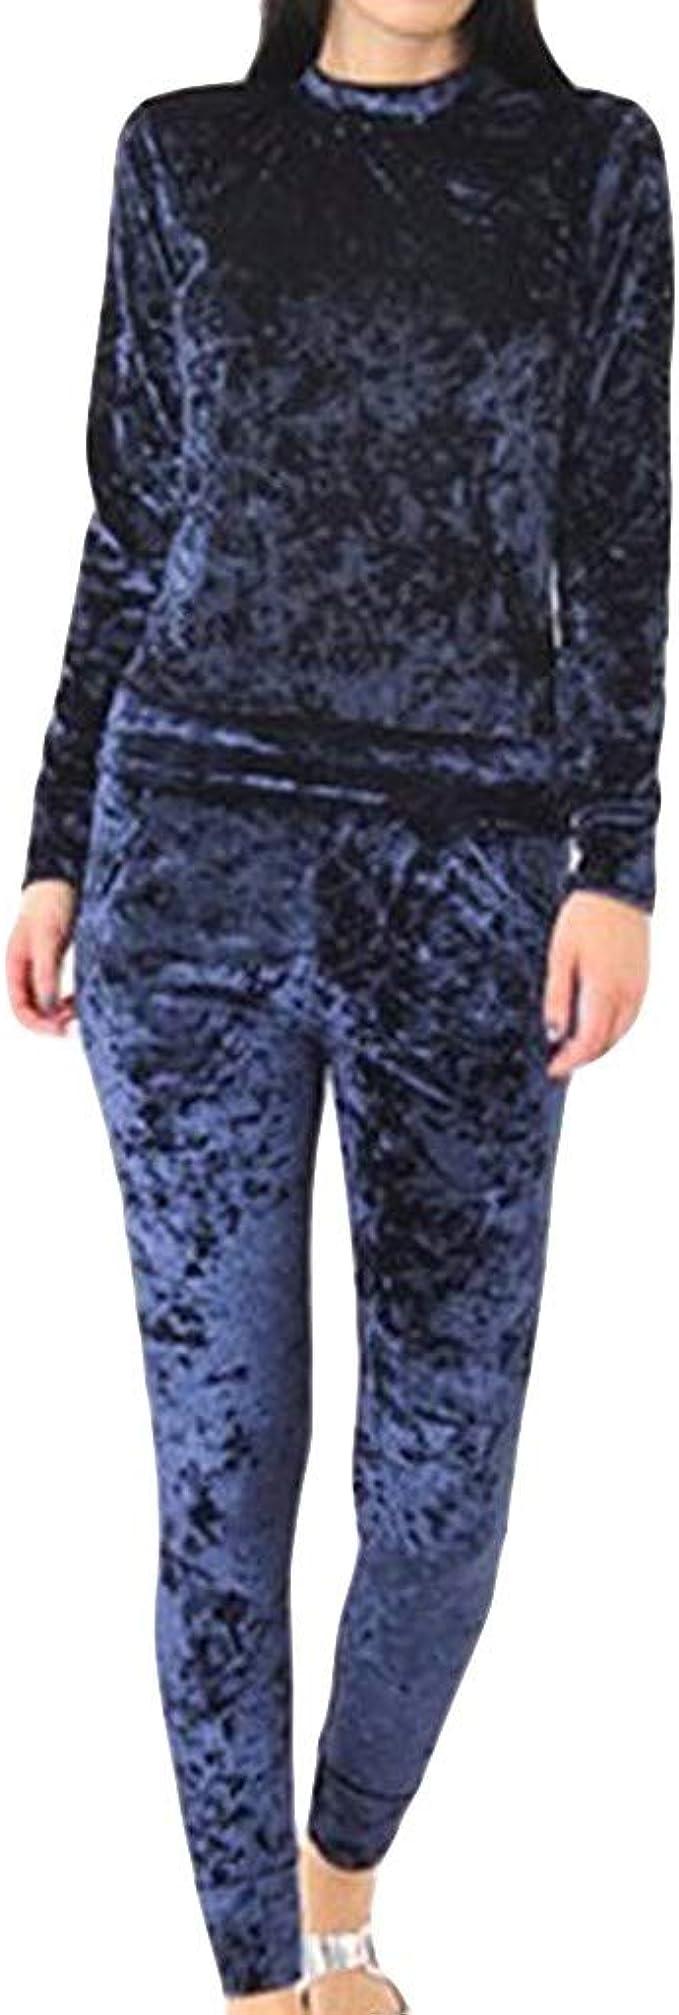 Elecenty Chándales para Mujer, Conjuntos térmicos Mujer Casual Camisetas de Fitnes Sweatshirt Pijamas Pantalones Ropa de Dormir Conjunto: Amazon.es: Ropa y accesorios